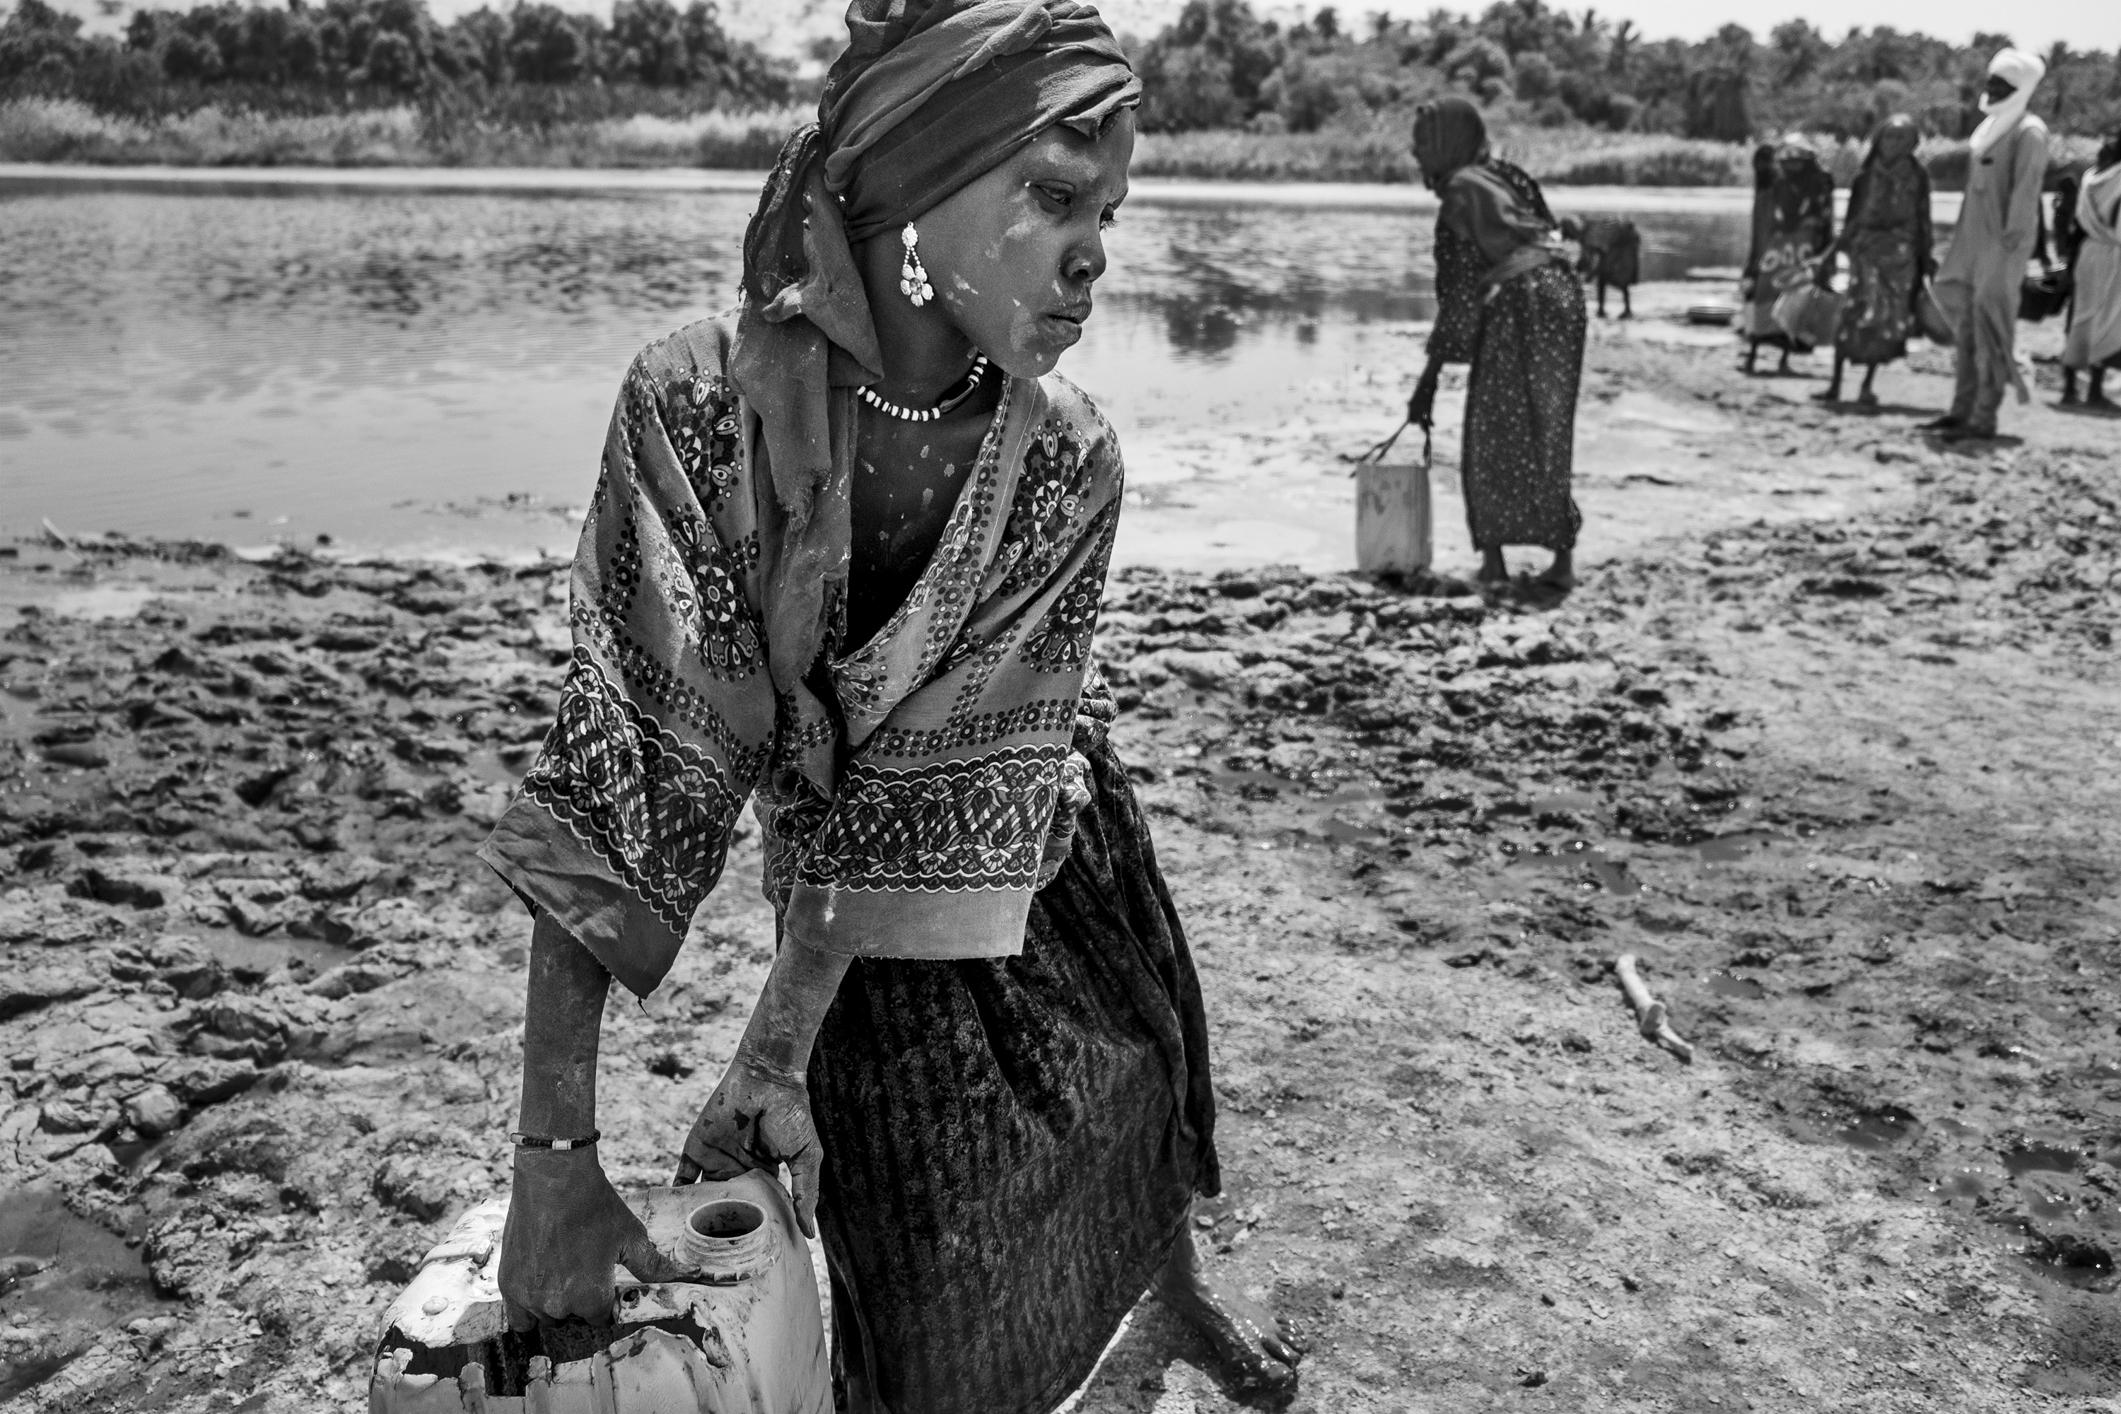 ©Ferhat Bouda / Agence VU' pour Action contre la Faim